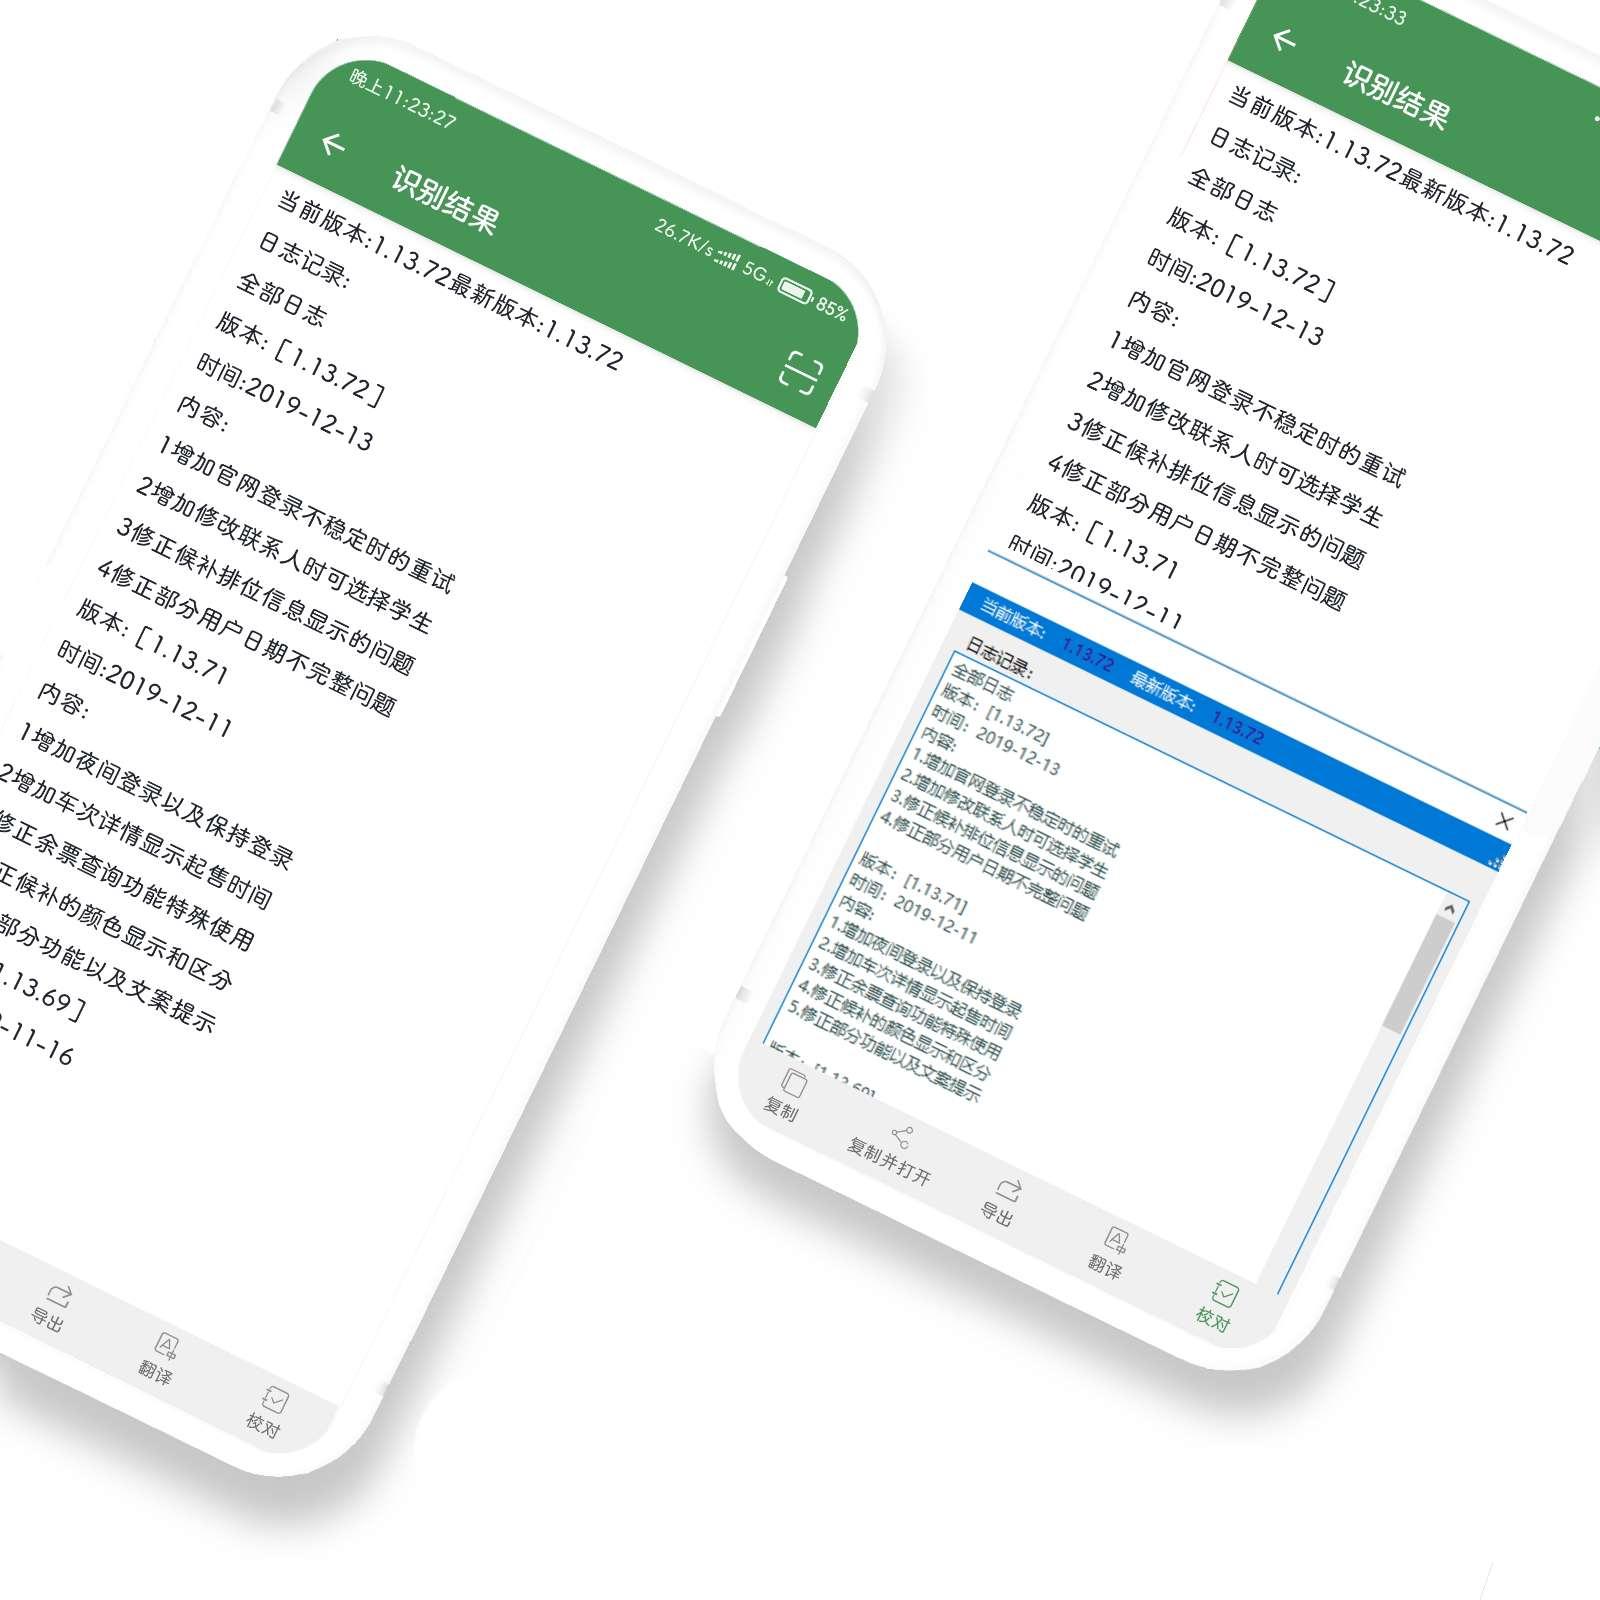 白描v2.7.3 OCR识别翻译与扫描